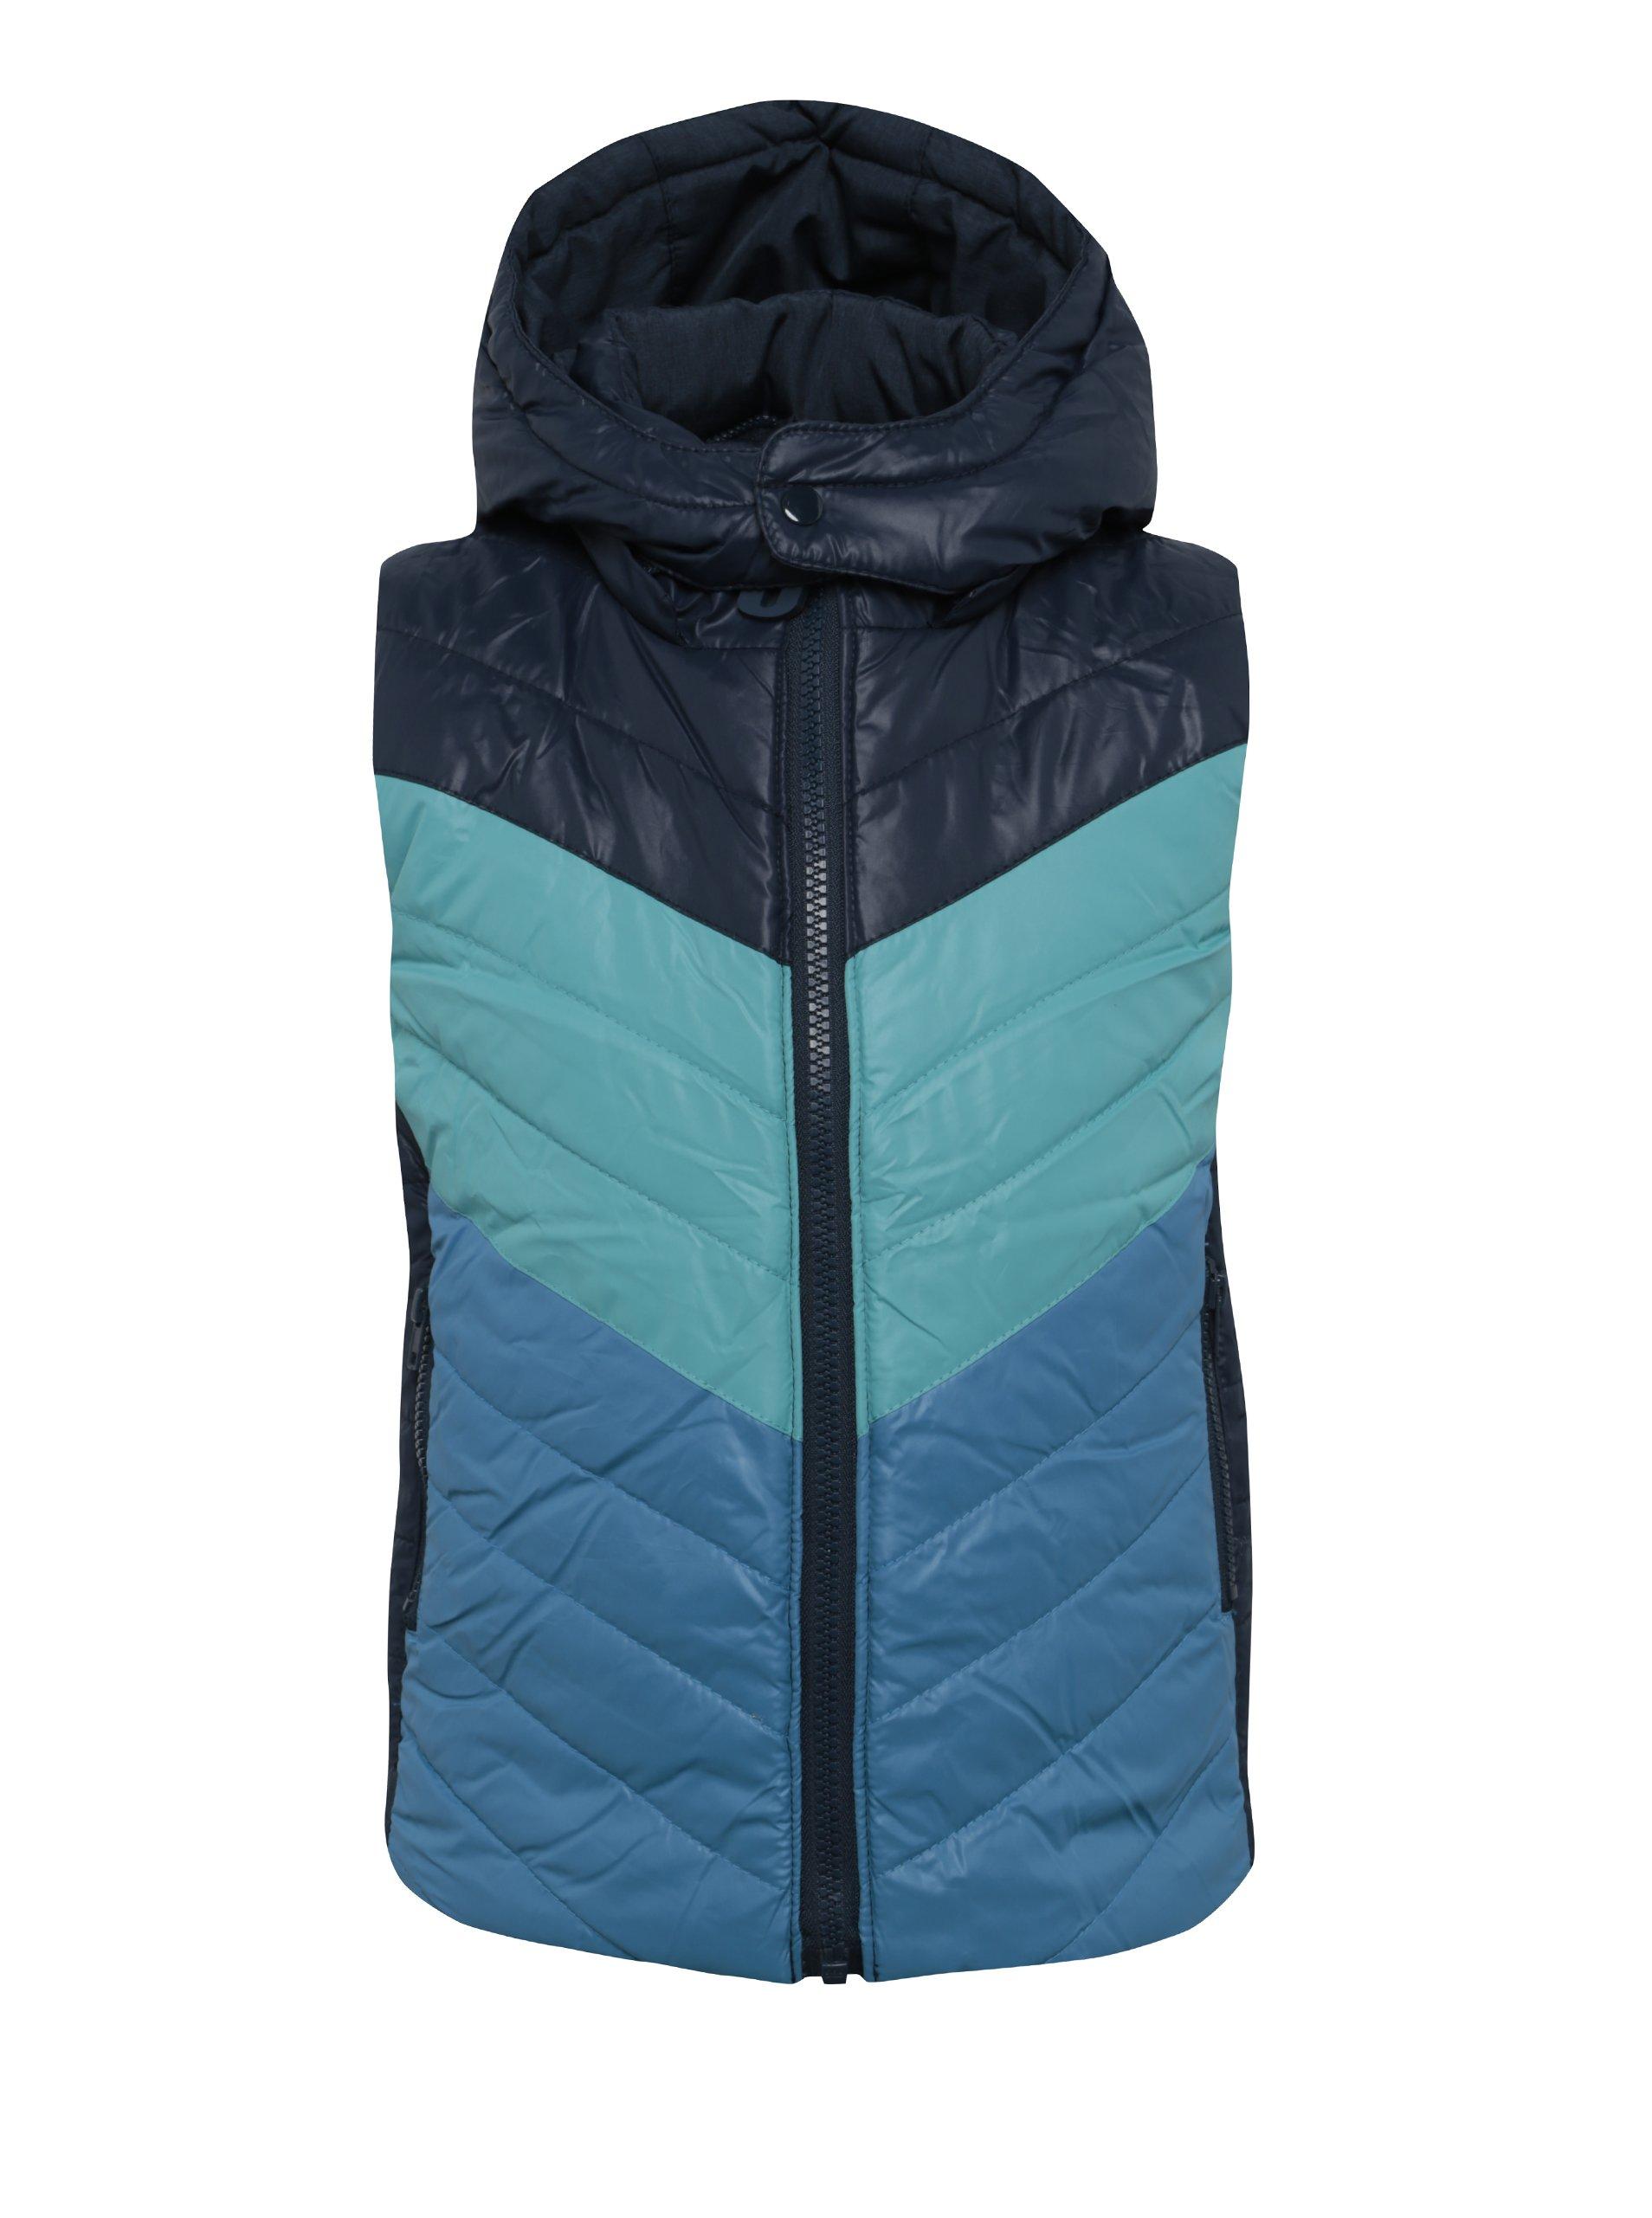 Tmavě modrá klučičí oboustranná prošívaná vesta s kapucí BÓBOLI